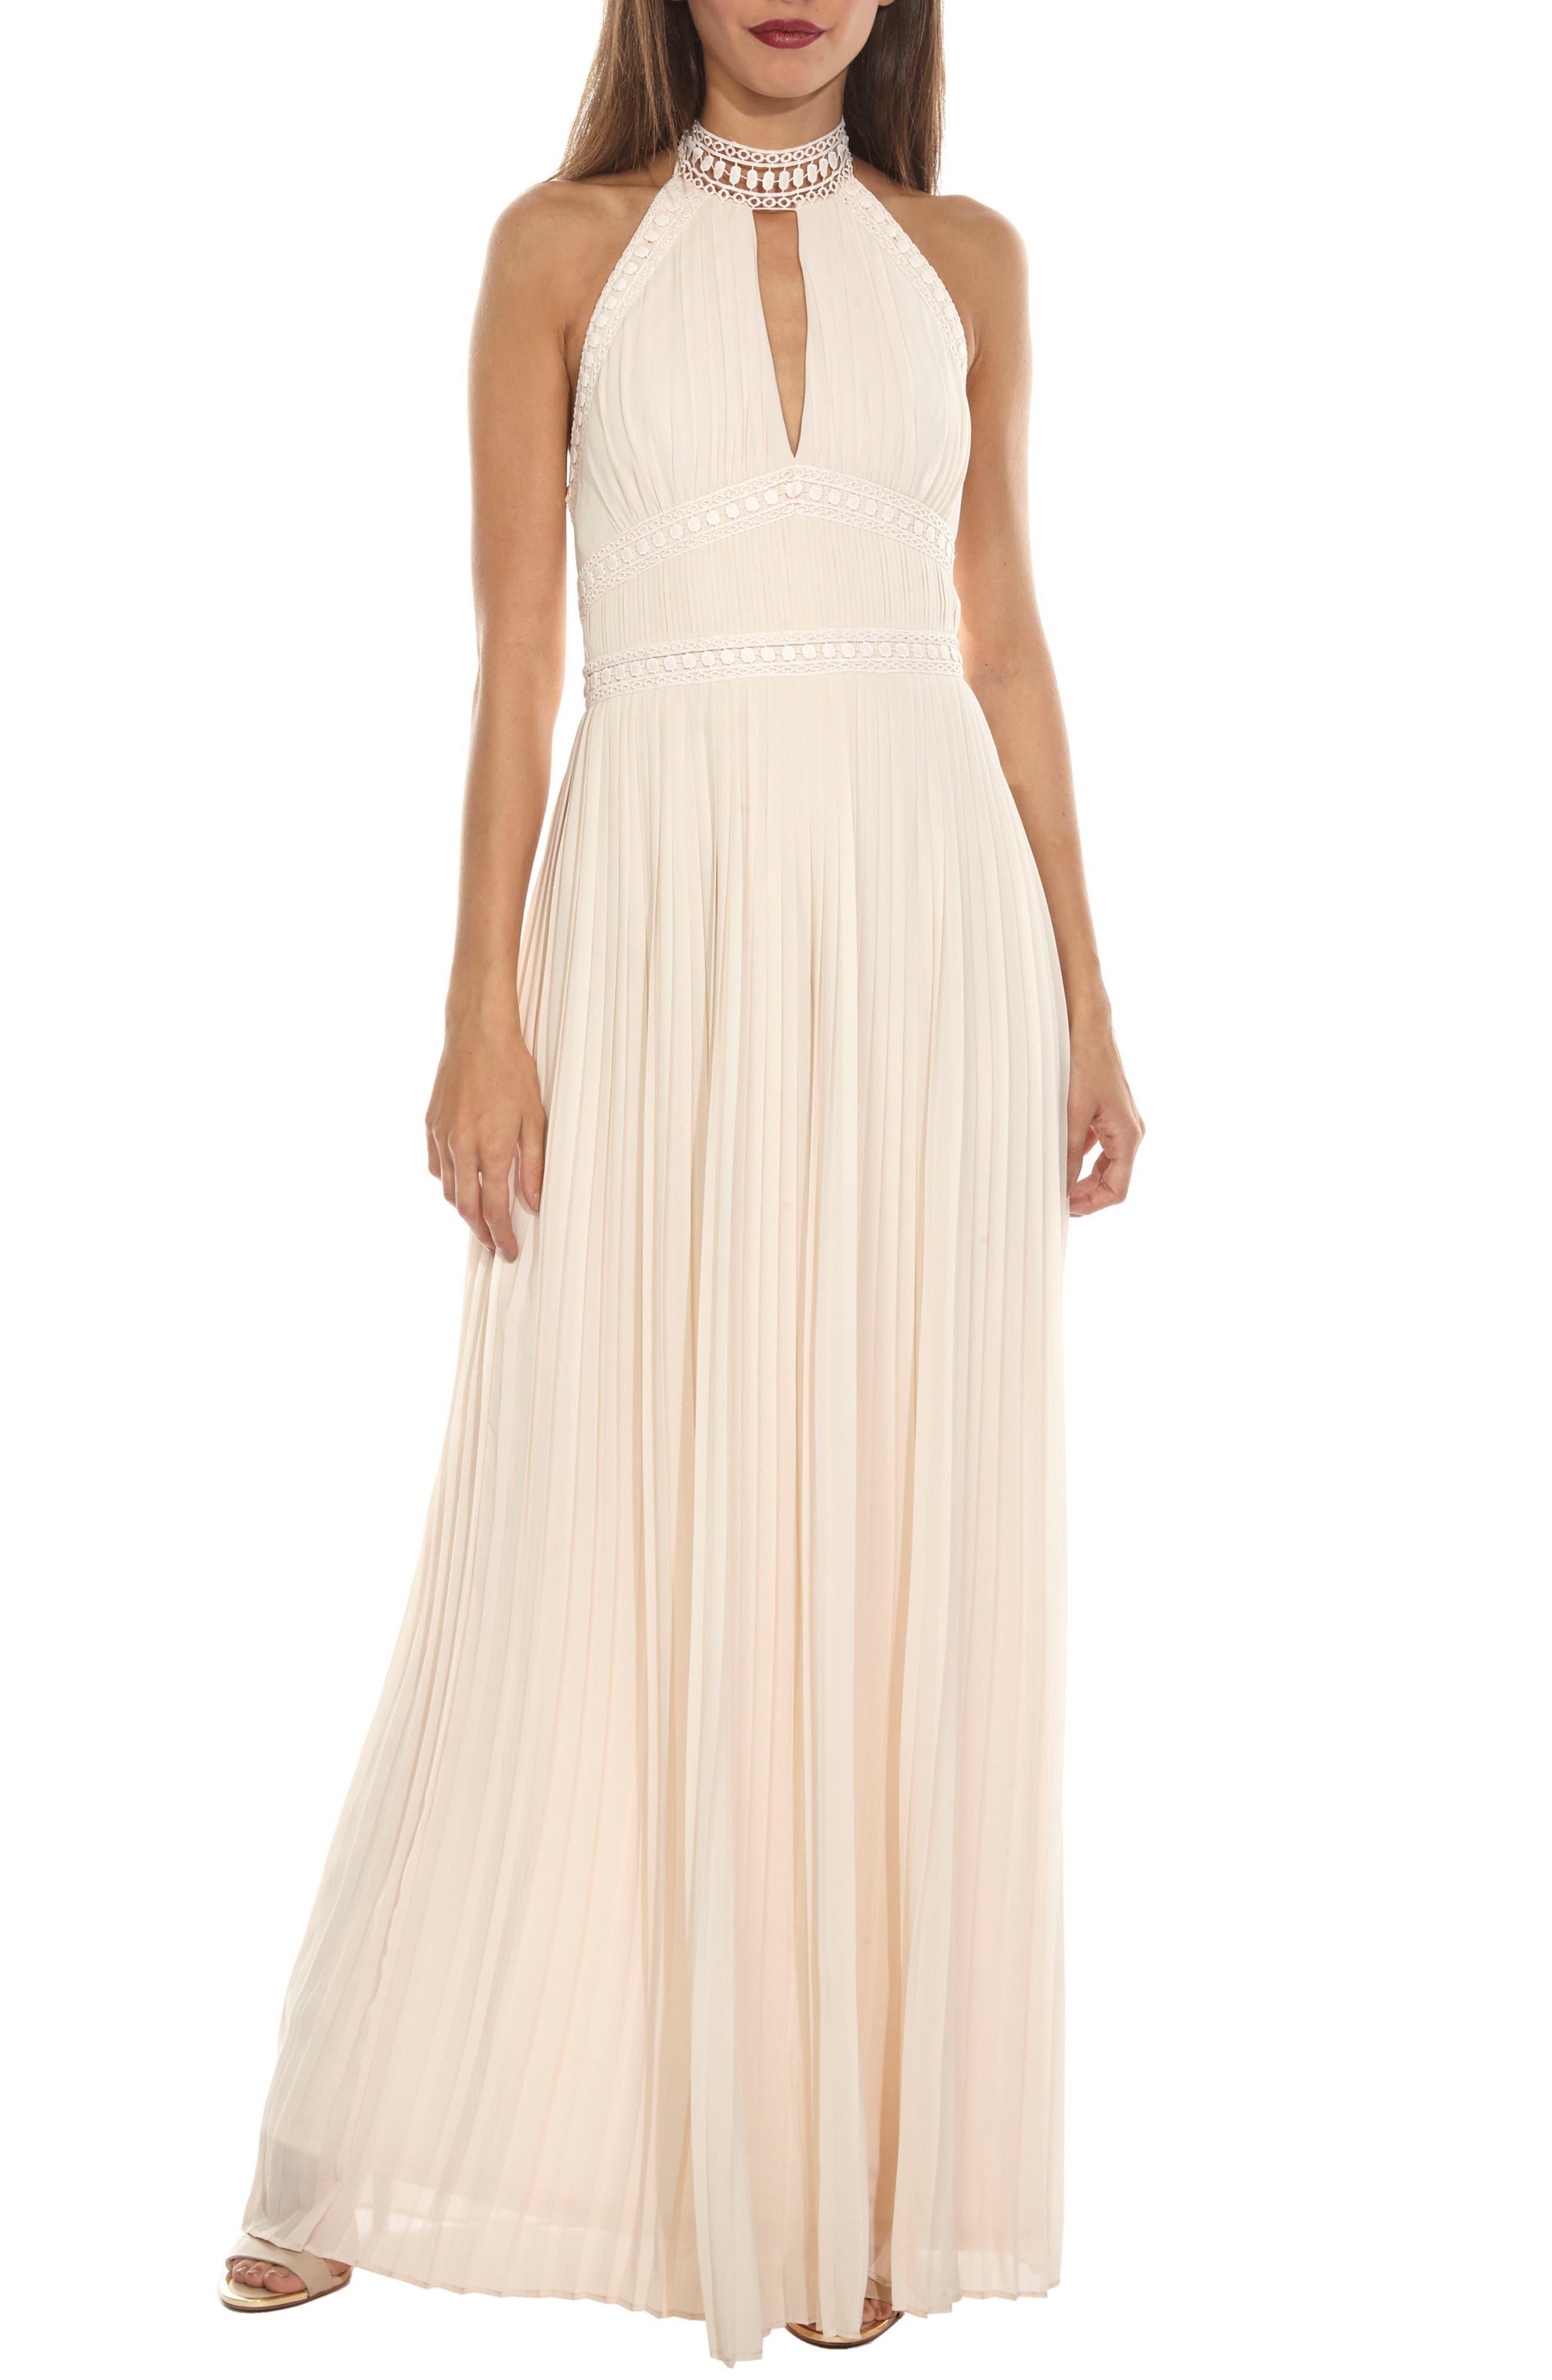 Corinne Lace Trim Halter Maxi Dress,                             Alternate thumbnail 5, color,                             280